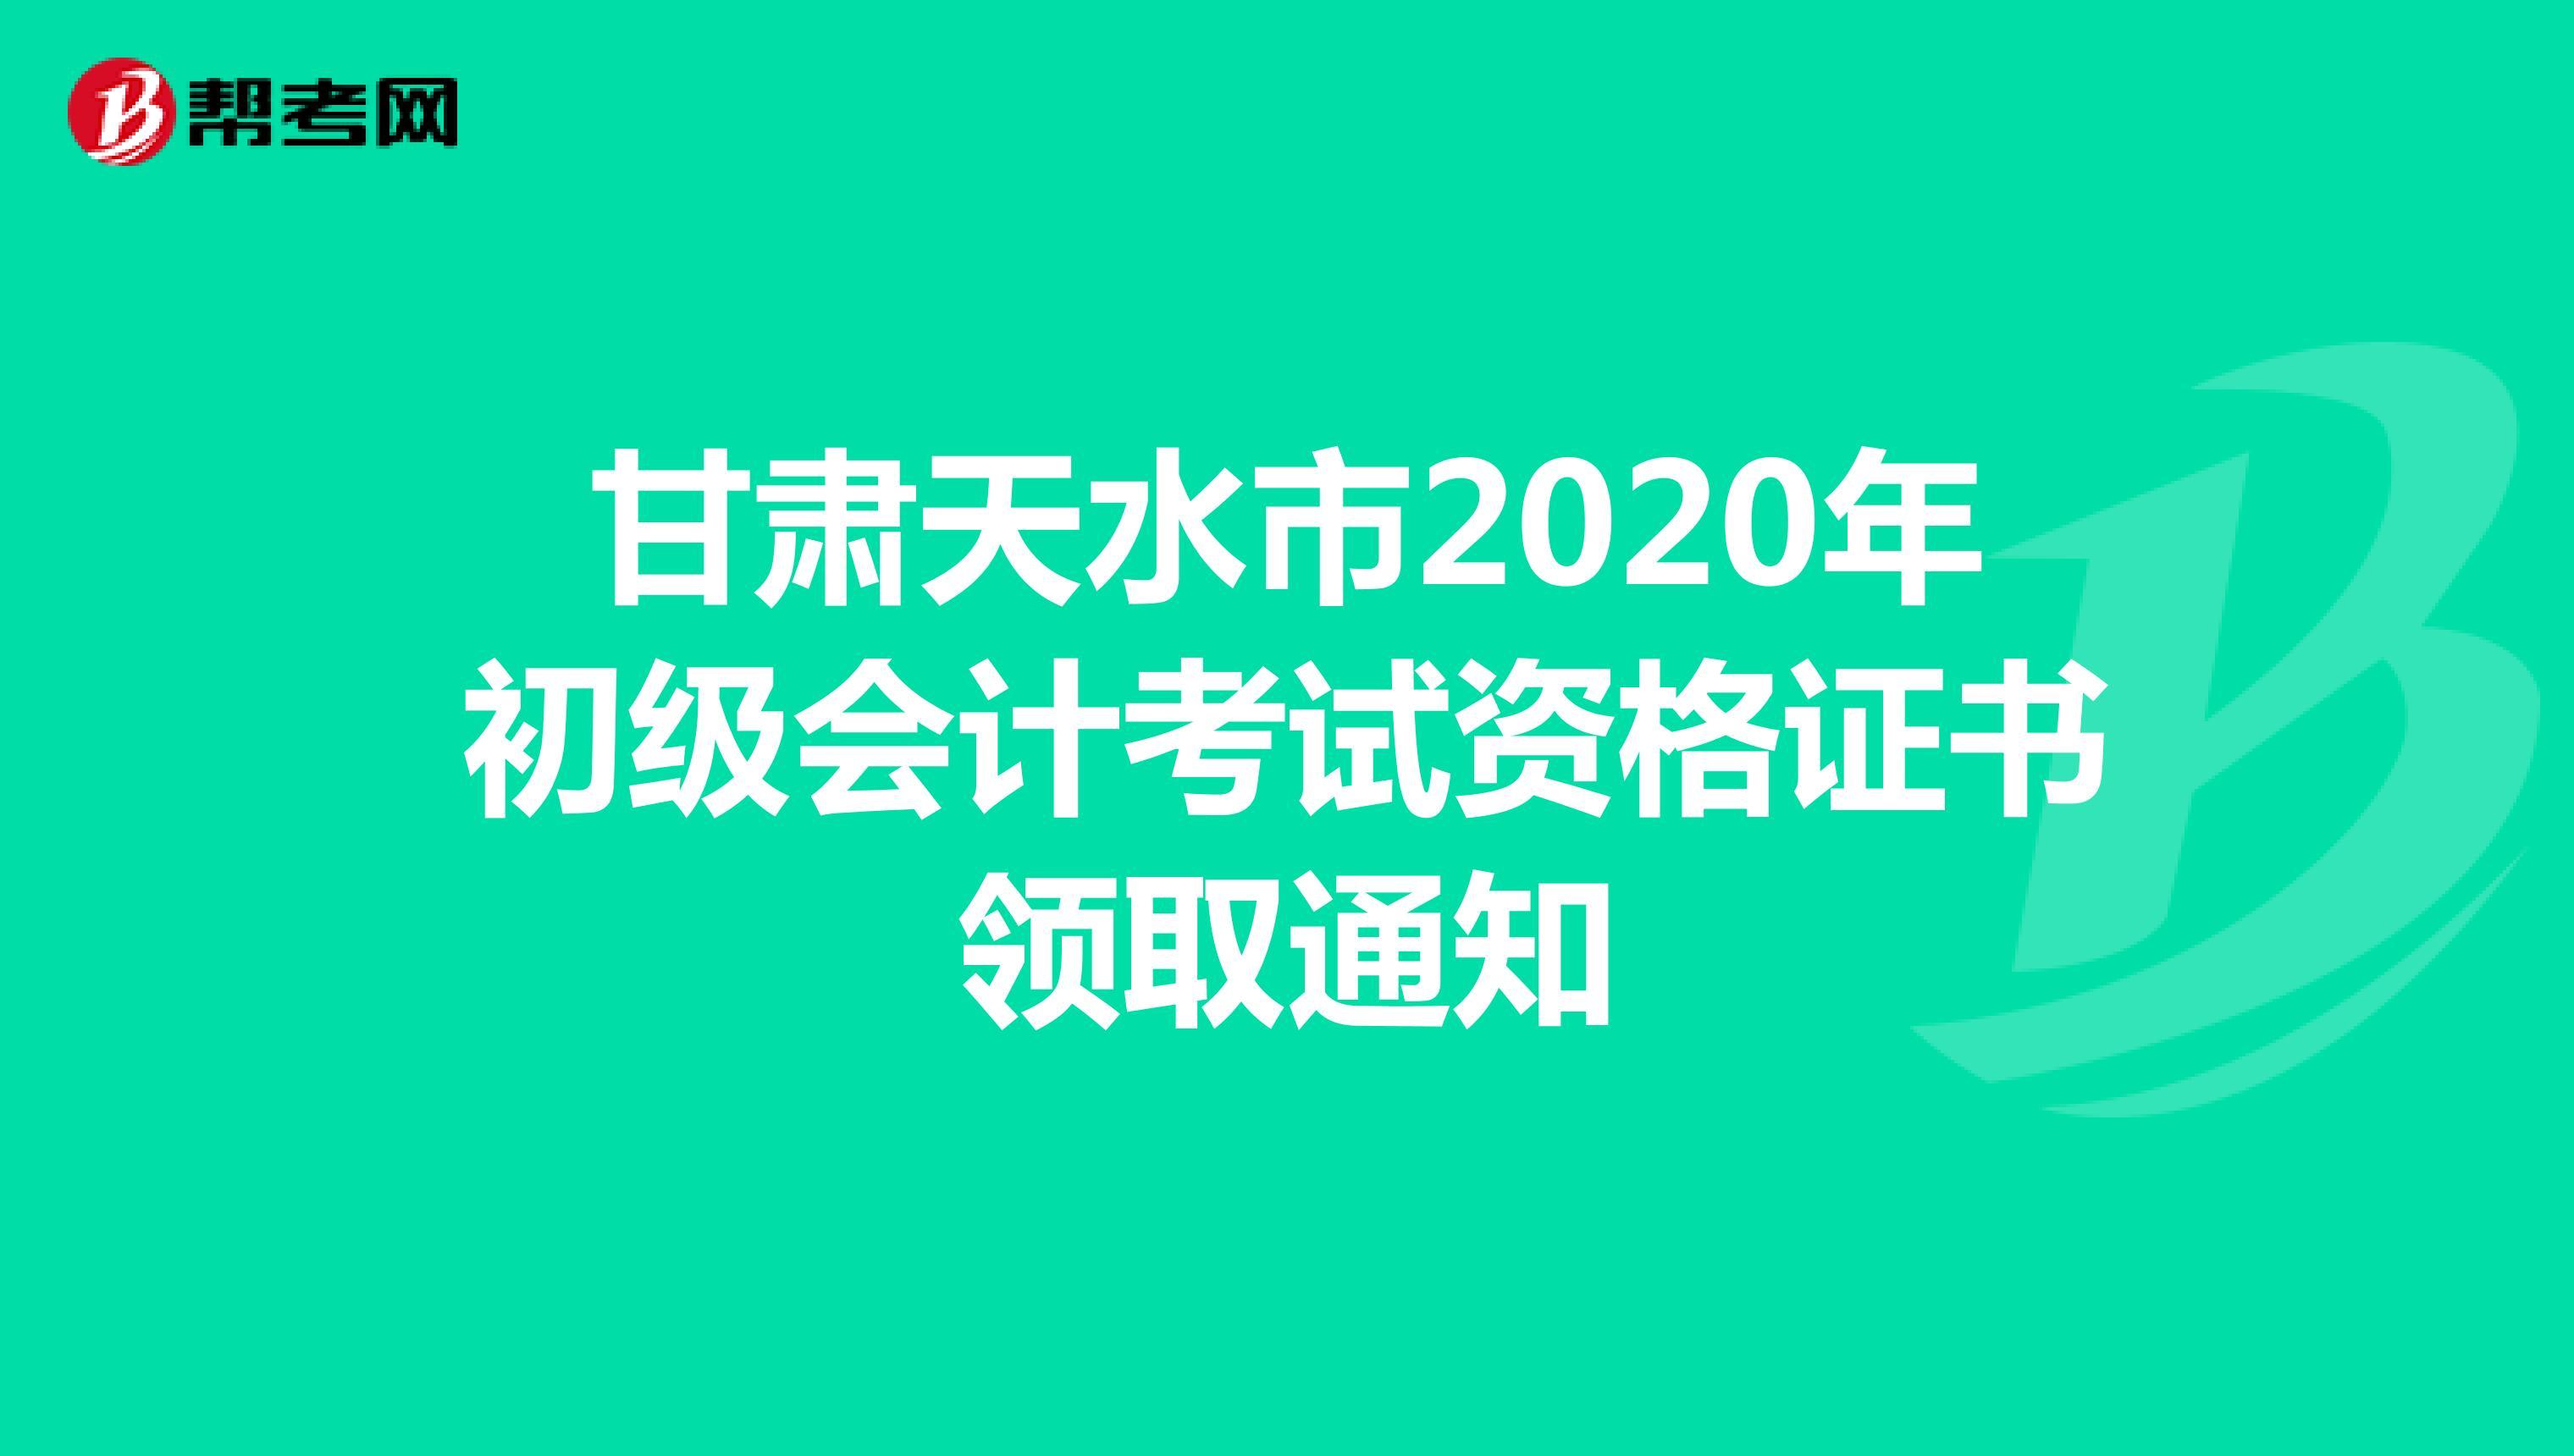 甘肃天水市2020年初级会计考试资格证书领取通知